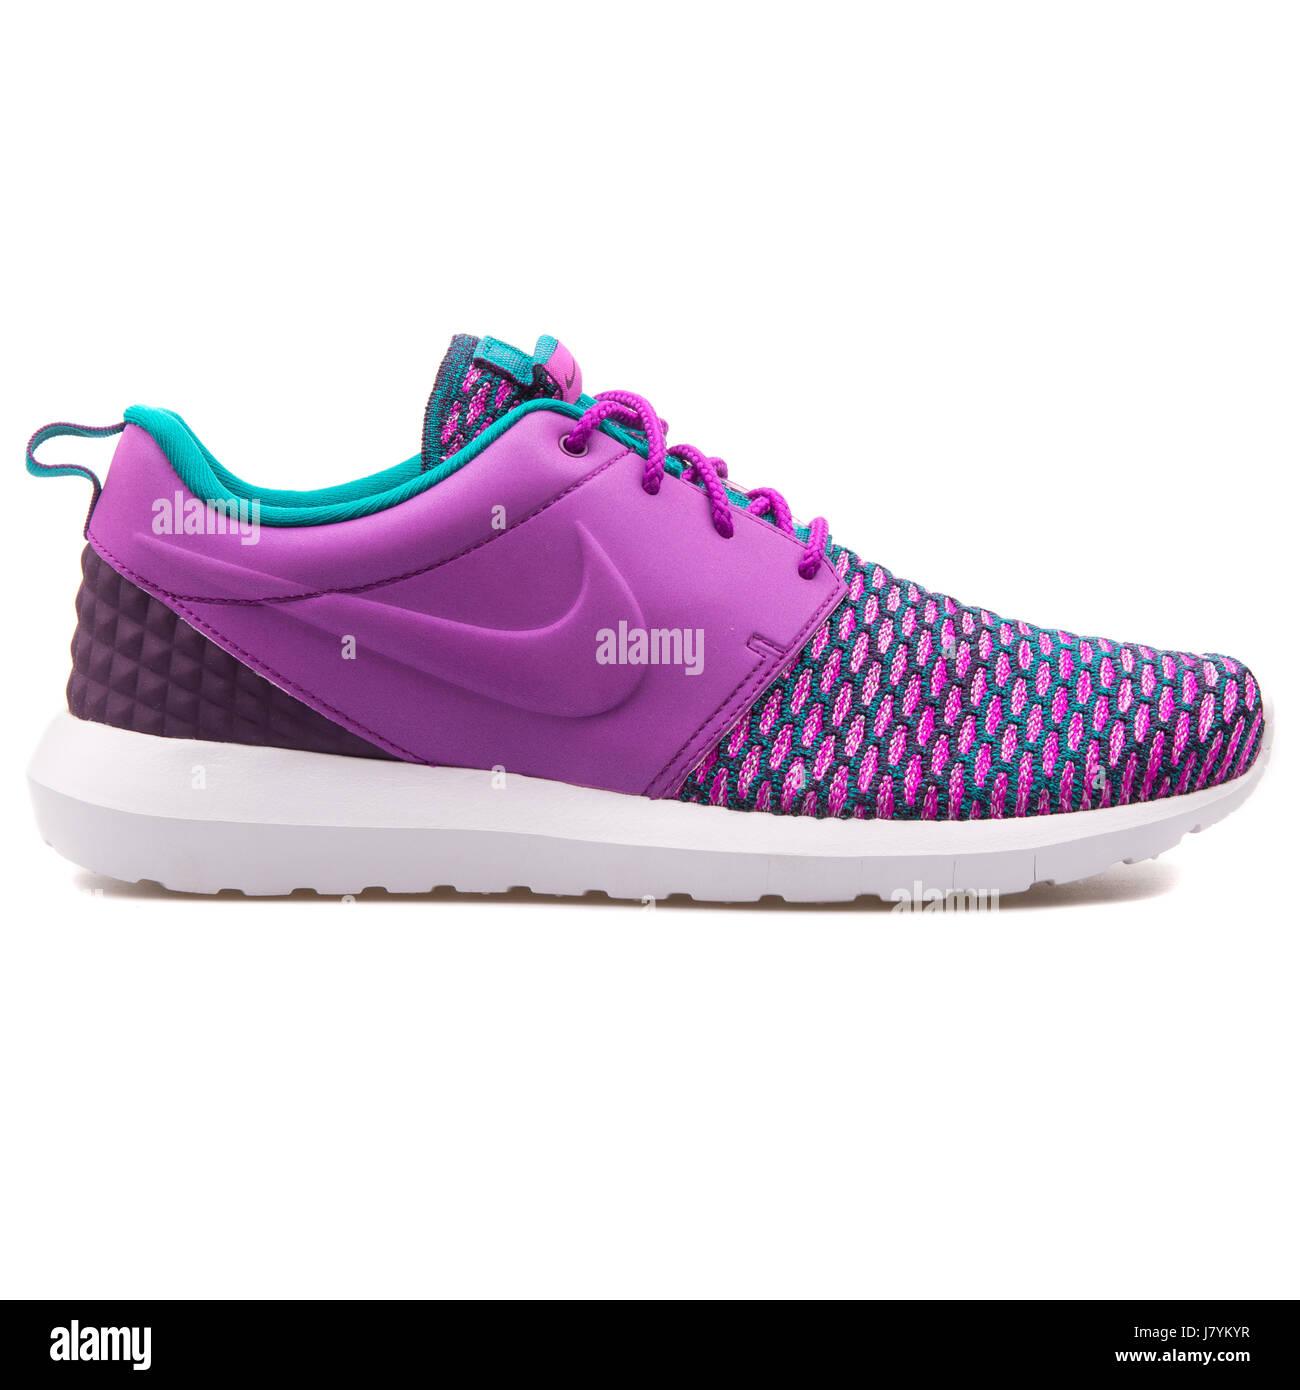 Suchergebnis auf für: Nike Über 500 EUR Herren